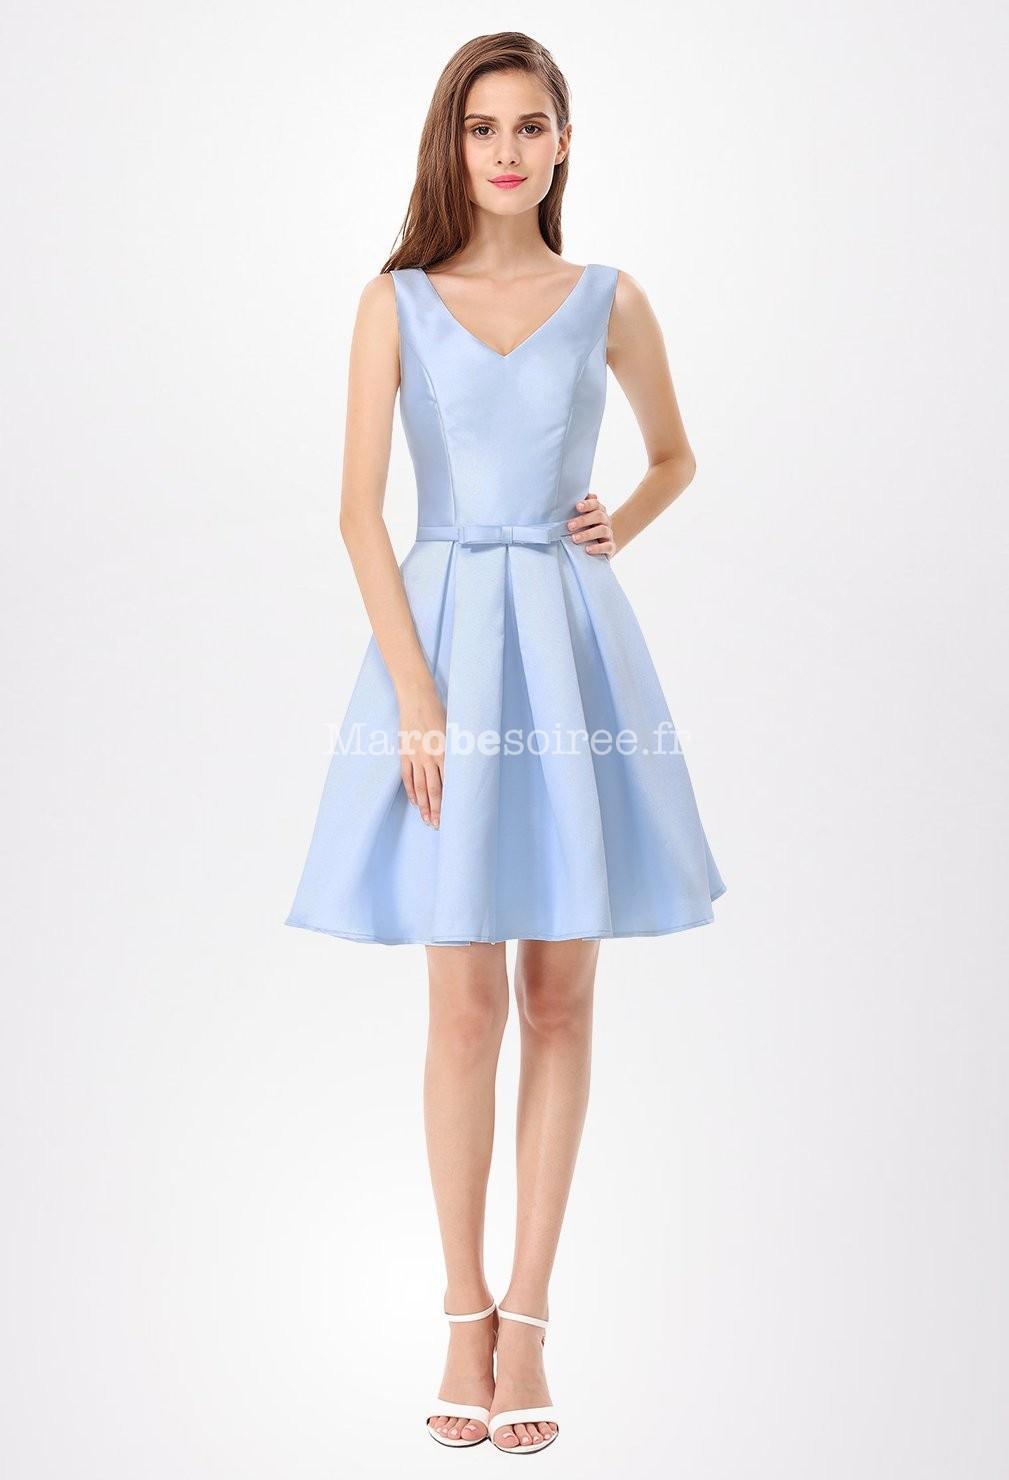 Bleu ciel robe